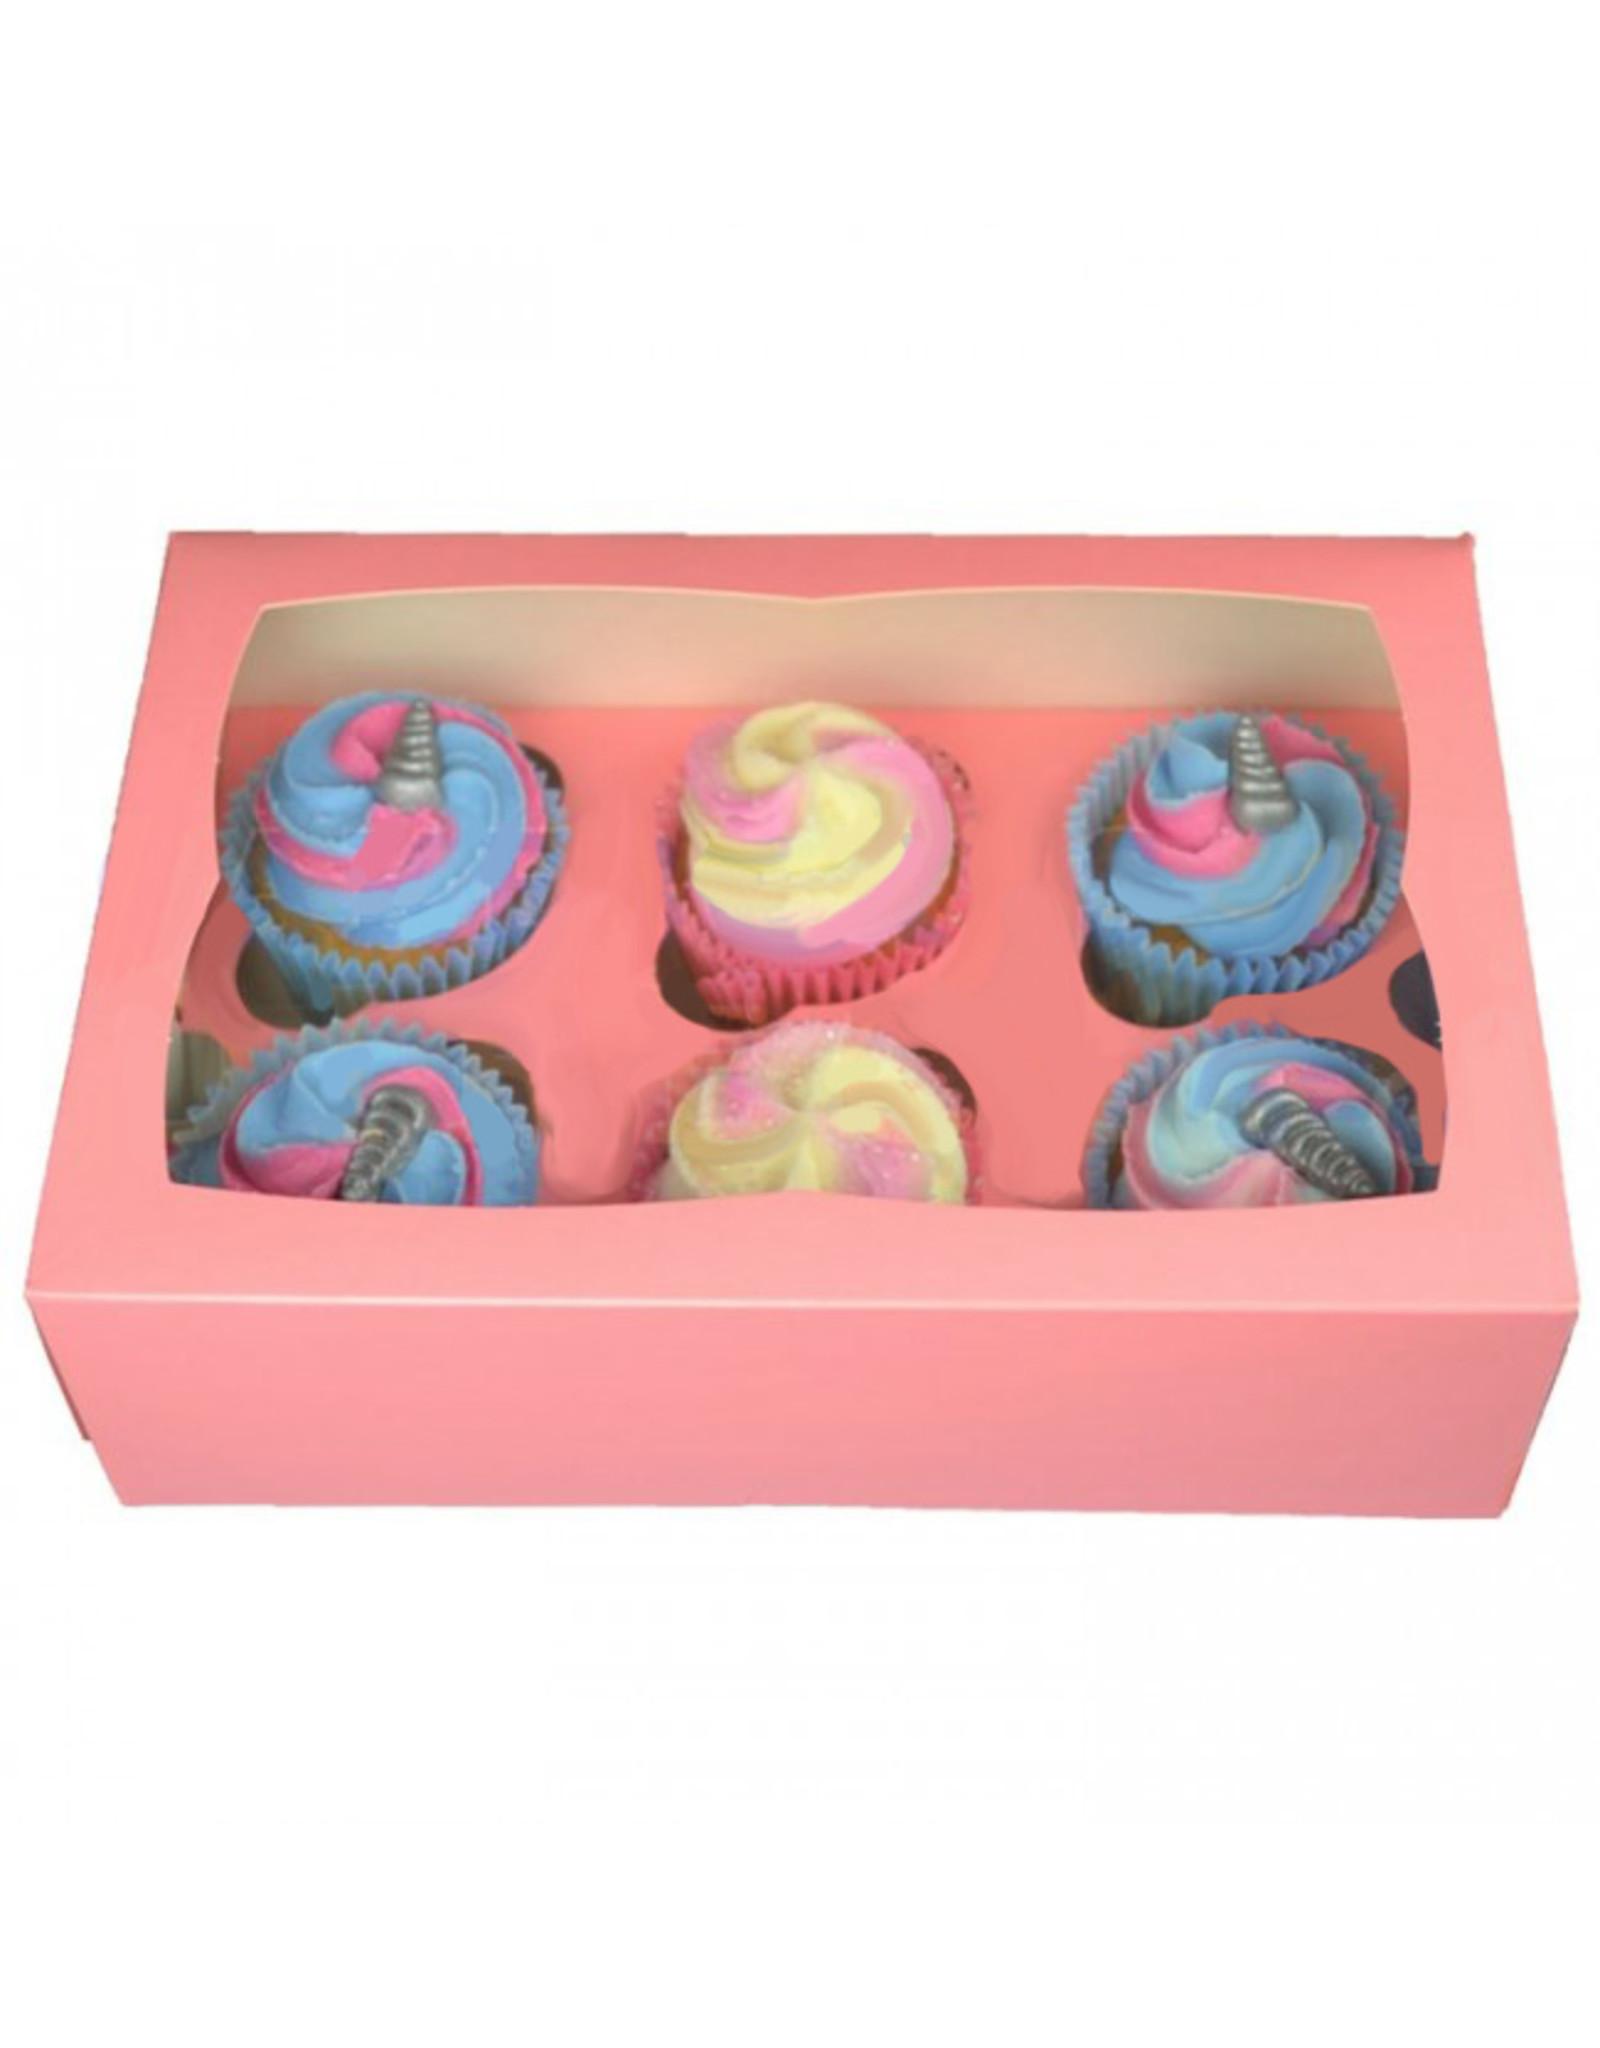 Roze doos voor 6 cupcakes (25 stuks)